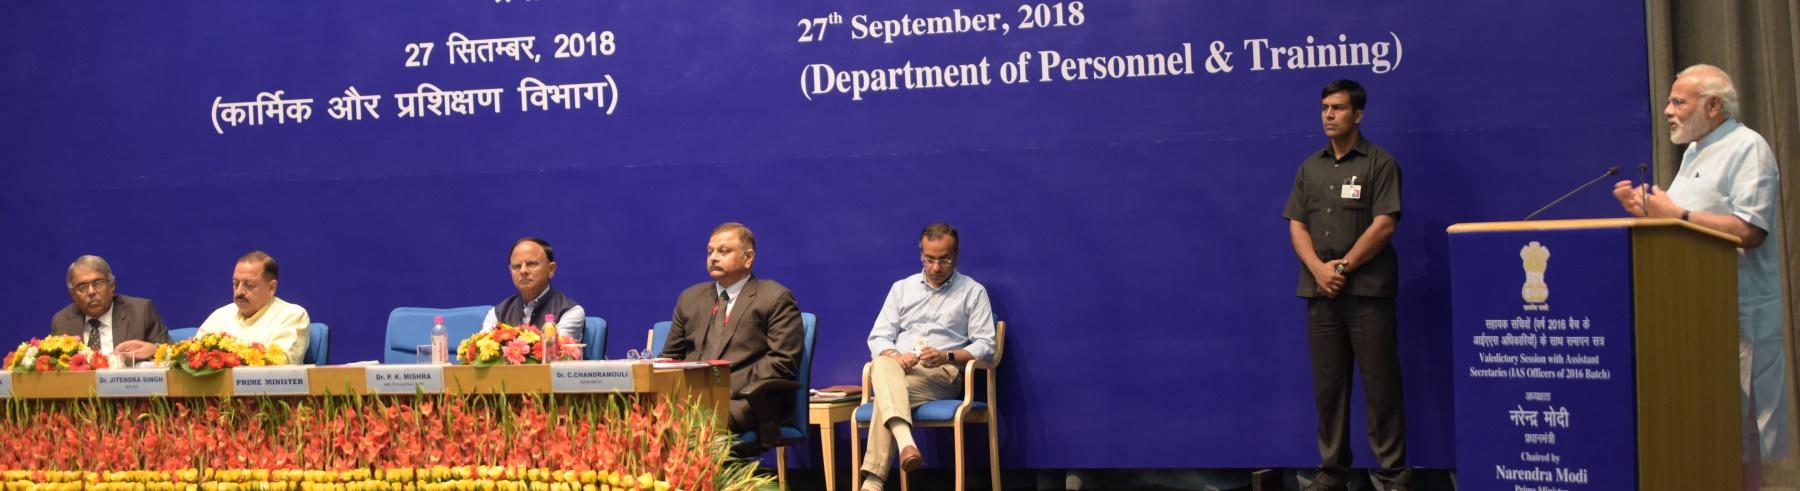 माननीय प्रधानमंत्री की अध्यक्षता में दिनांक 27.09.2018 को सहायक सचिवों (वर्ष 2016 बैच के आईएएस अधिकारियों) के समापन सत्र का आयोजन